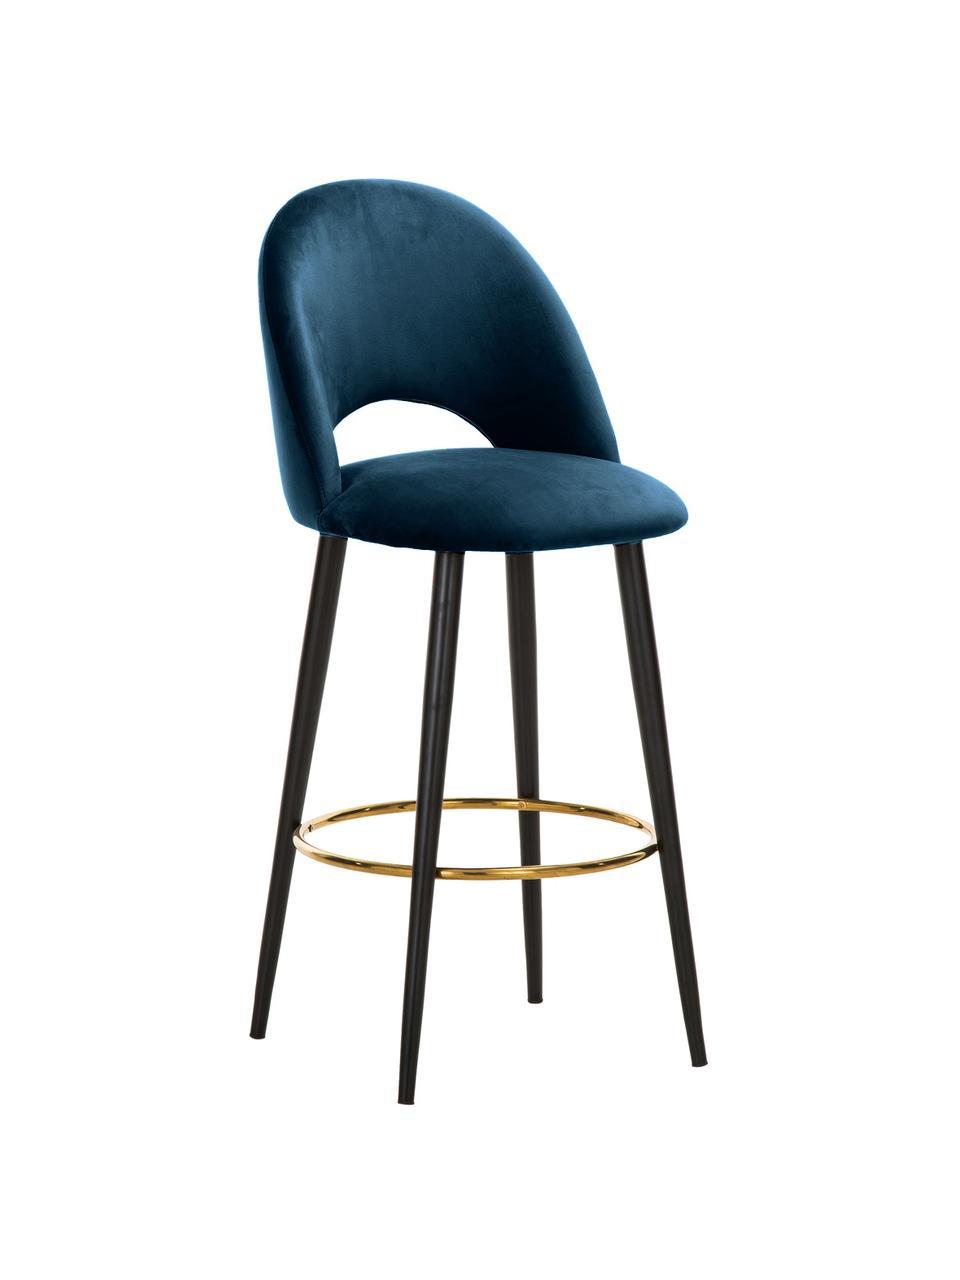 Sedia da bar in velluto blu Rachel, Rivestimento: velluto (poliestere) 50.0, Gambe: metallo verniciato a polv, Velluto blu scuro, Larg